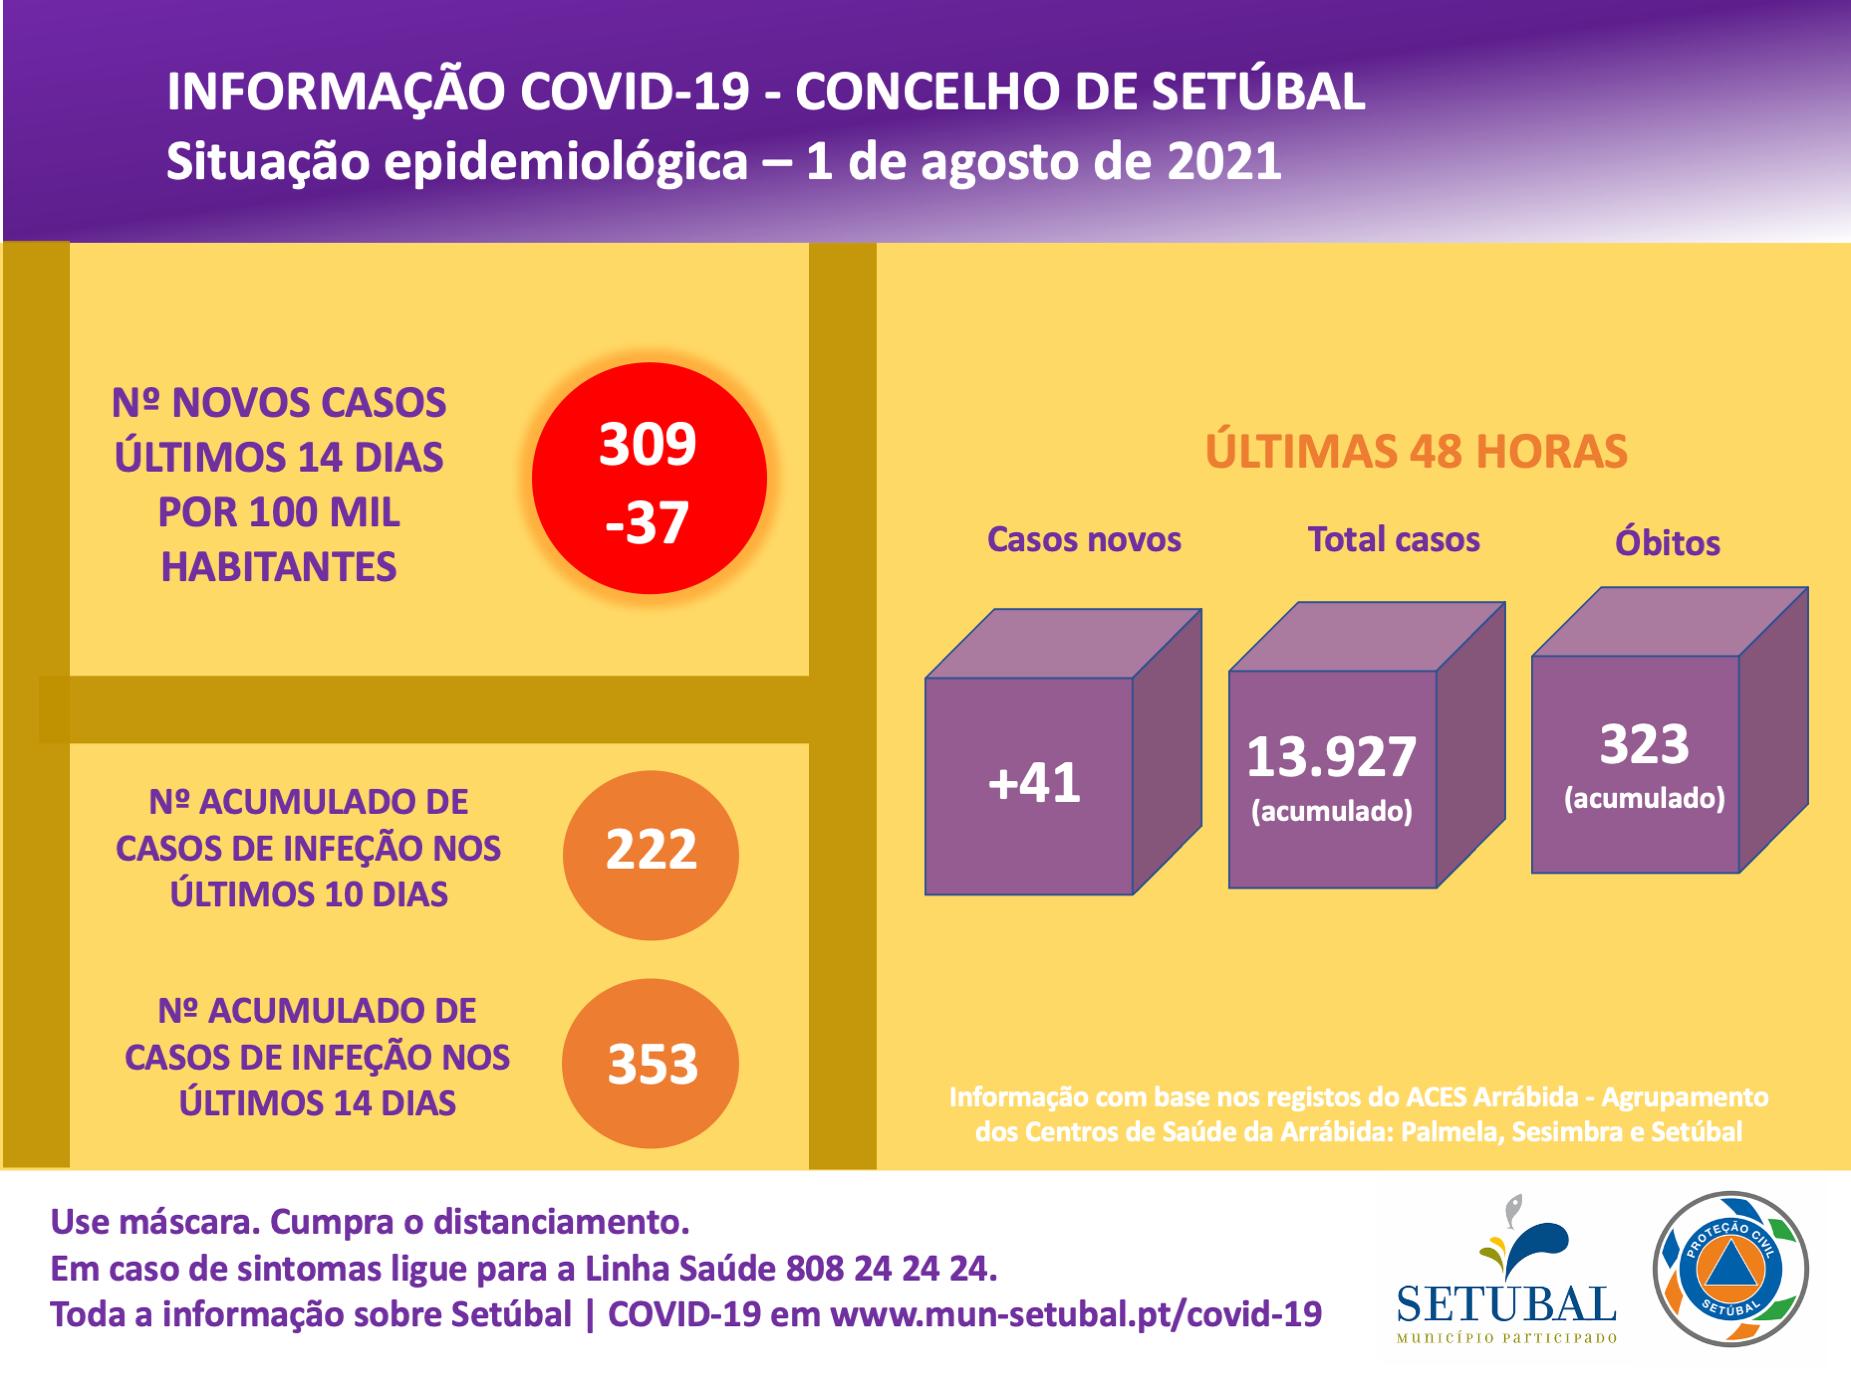 Covid-19 | Situação epidemiológica | 1 de agosto de 2021